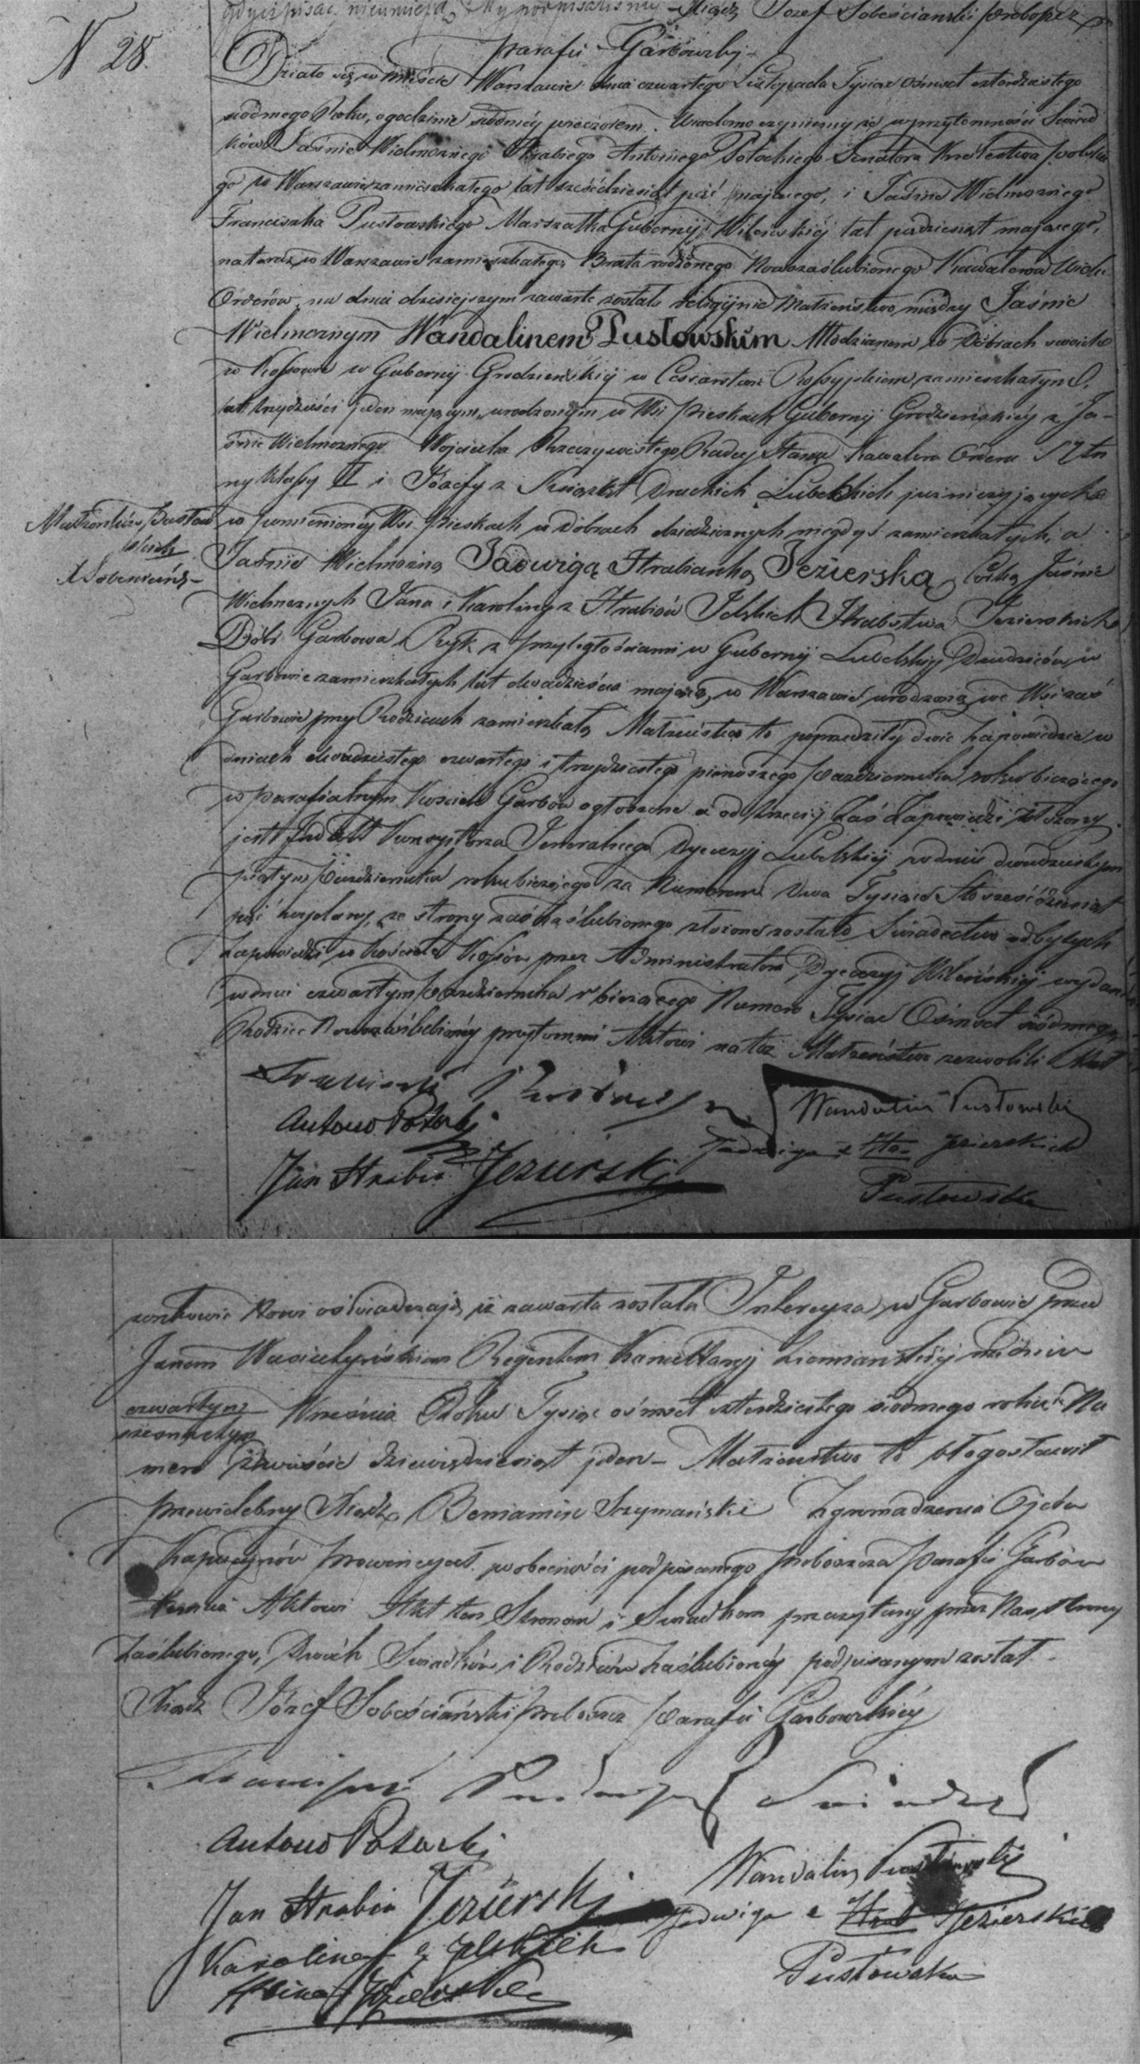 Akt stanu cywilnego małżeństwa Wandalin Pusłowski & Jadwiga Jezierska 04.11.1847 r.